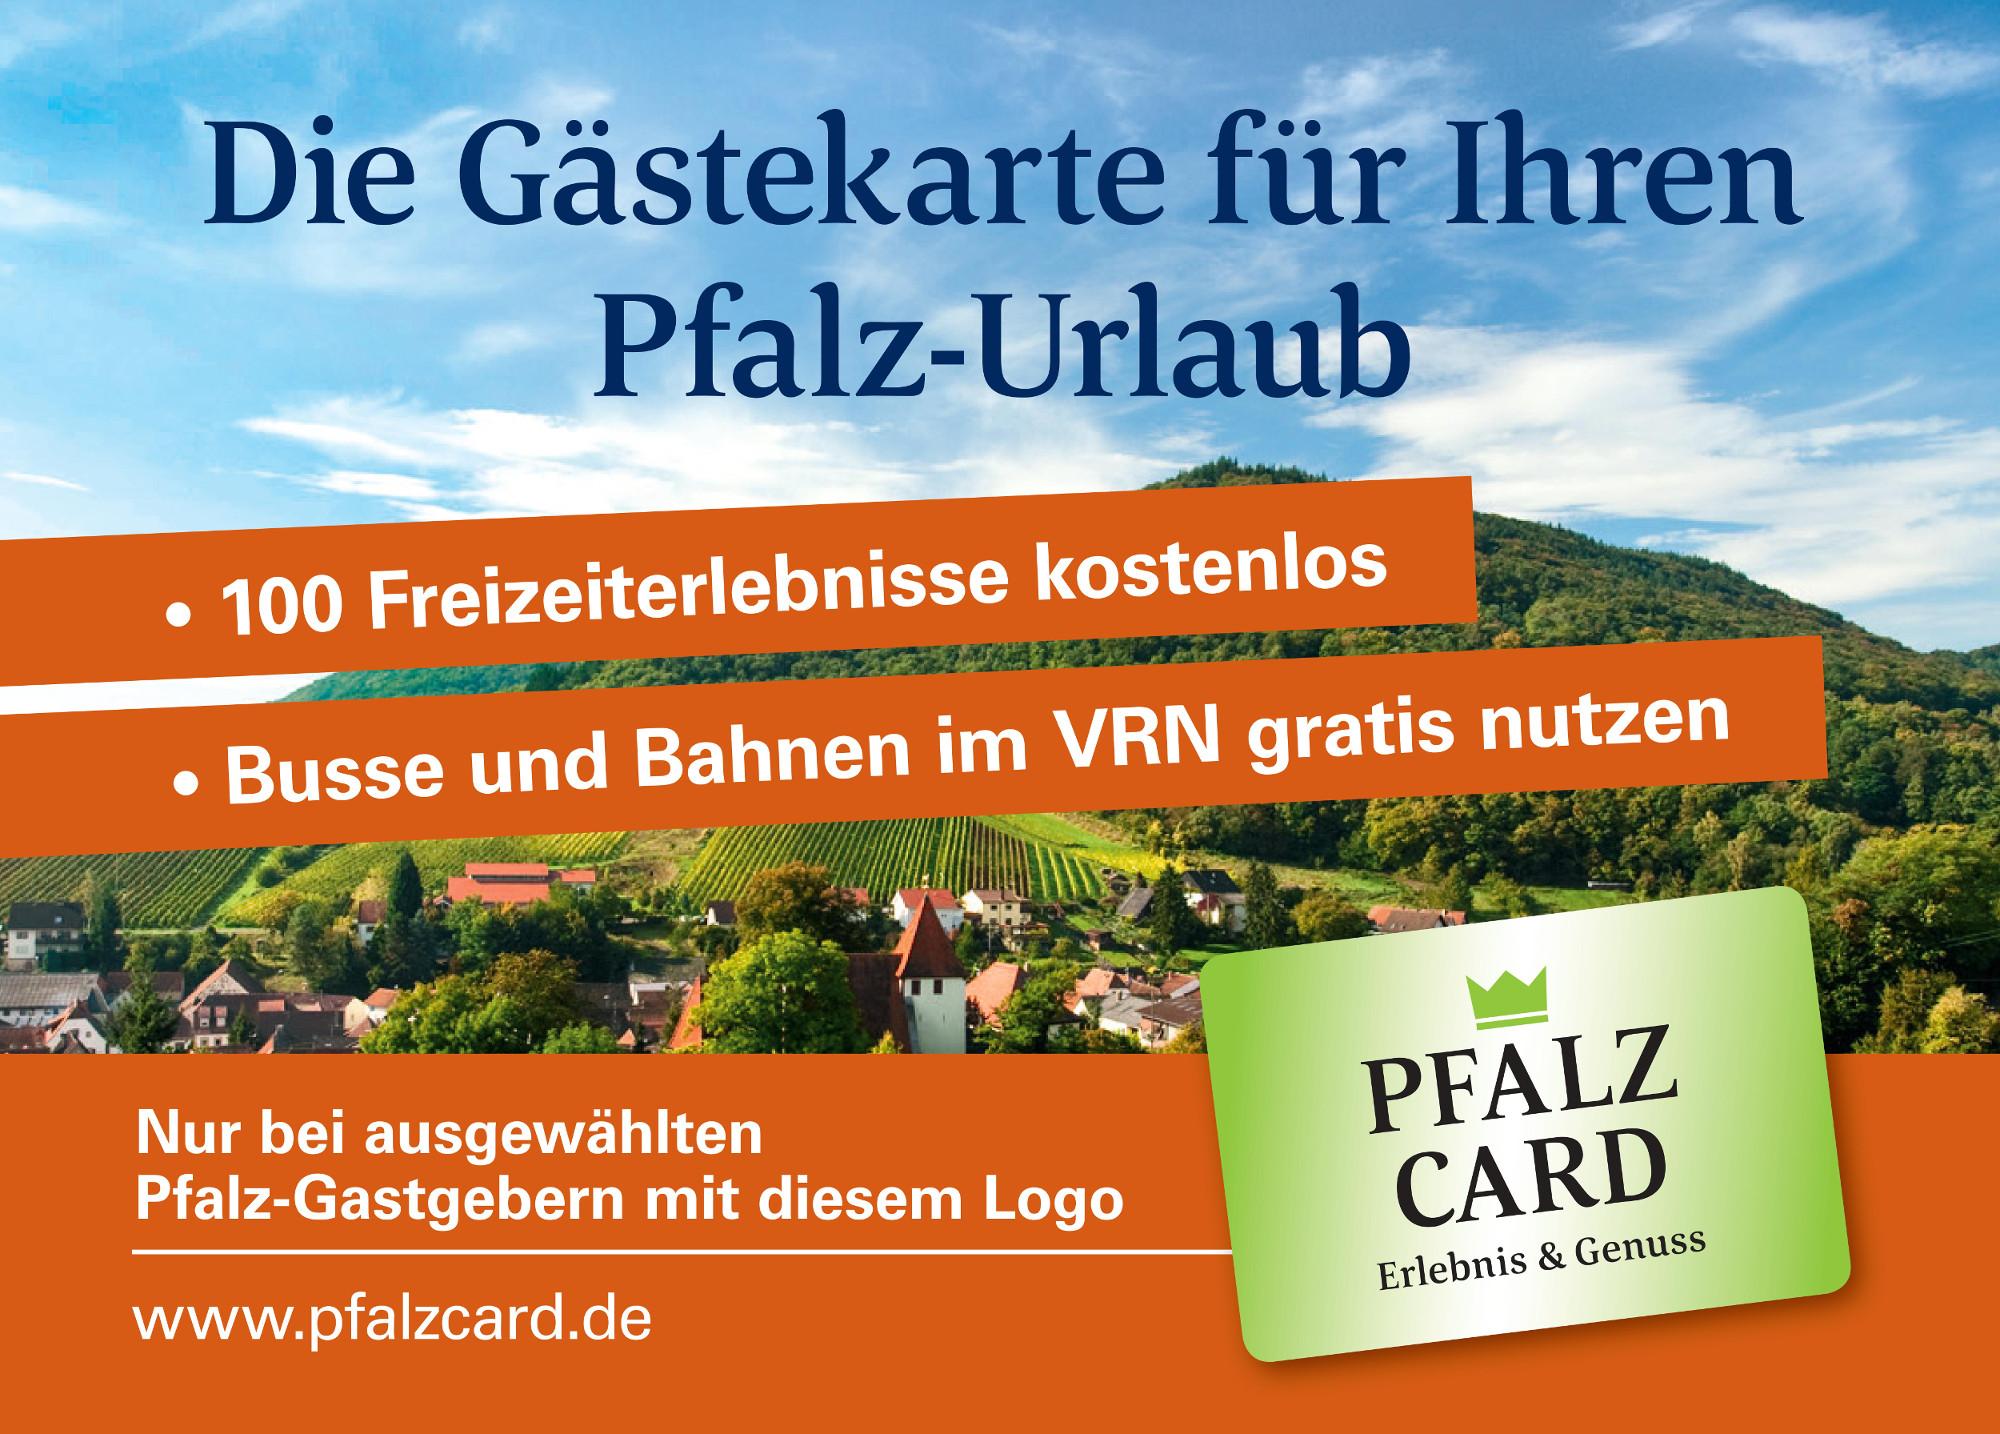 https://www.pfalzherz.de/wp-content/uploads/2020/01/29-Pfalzcard_Poster_klein.jpg